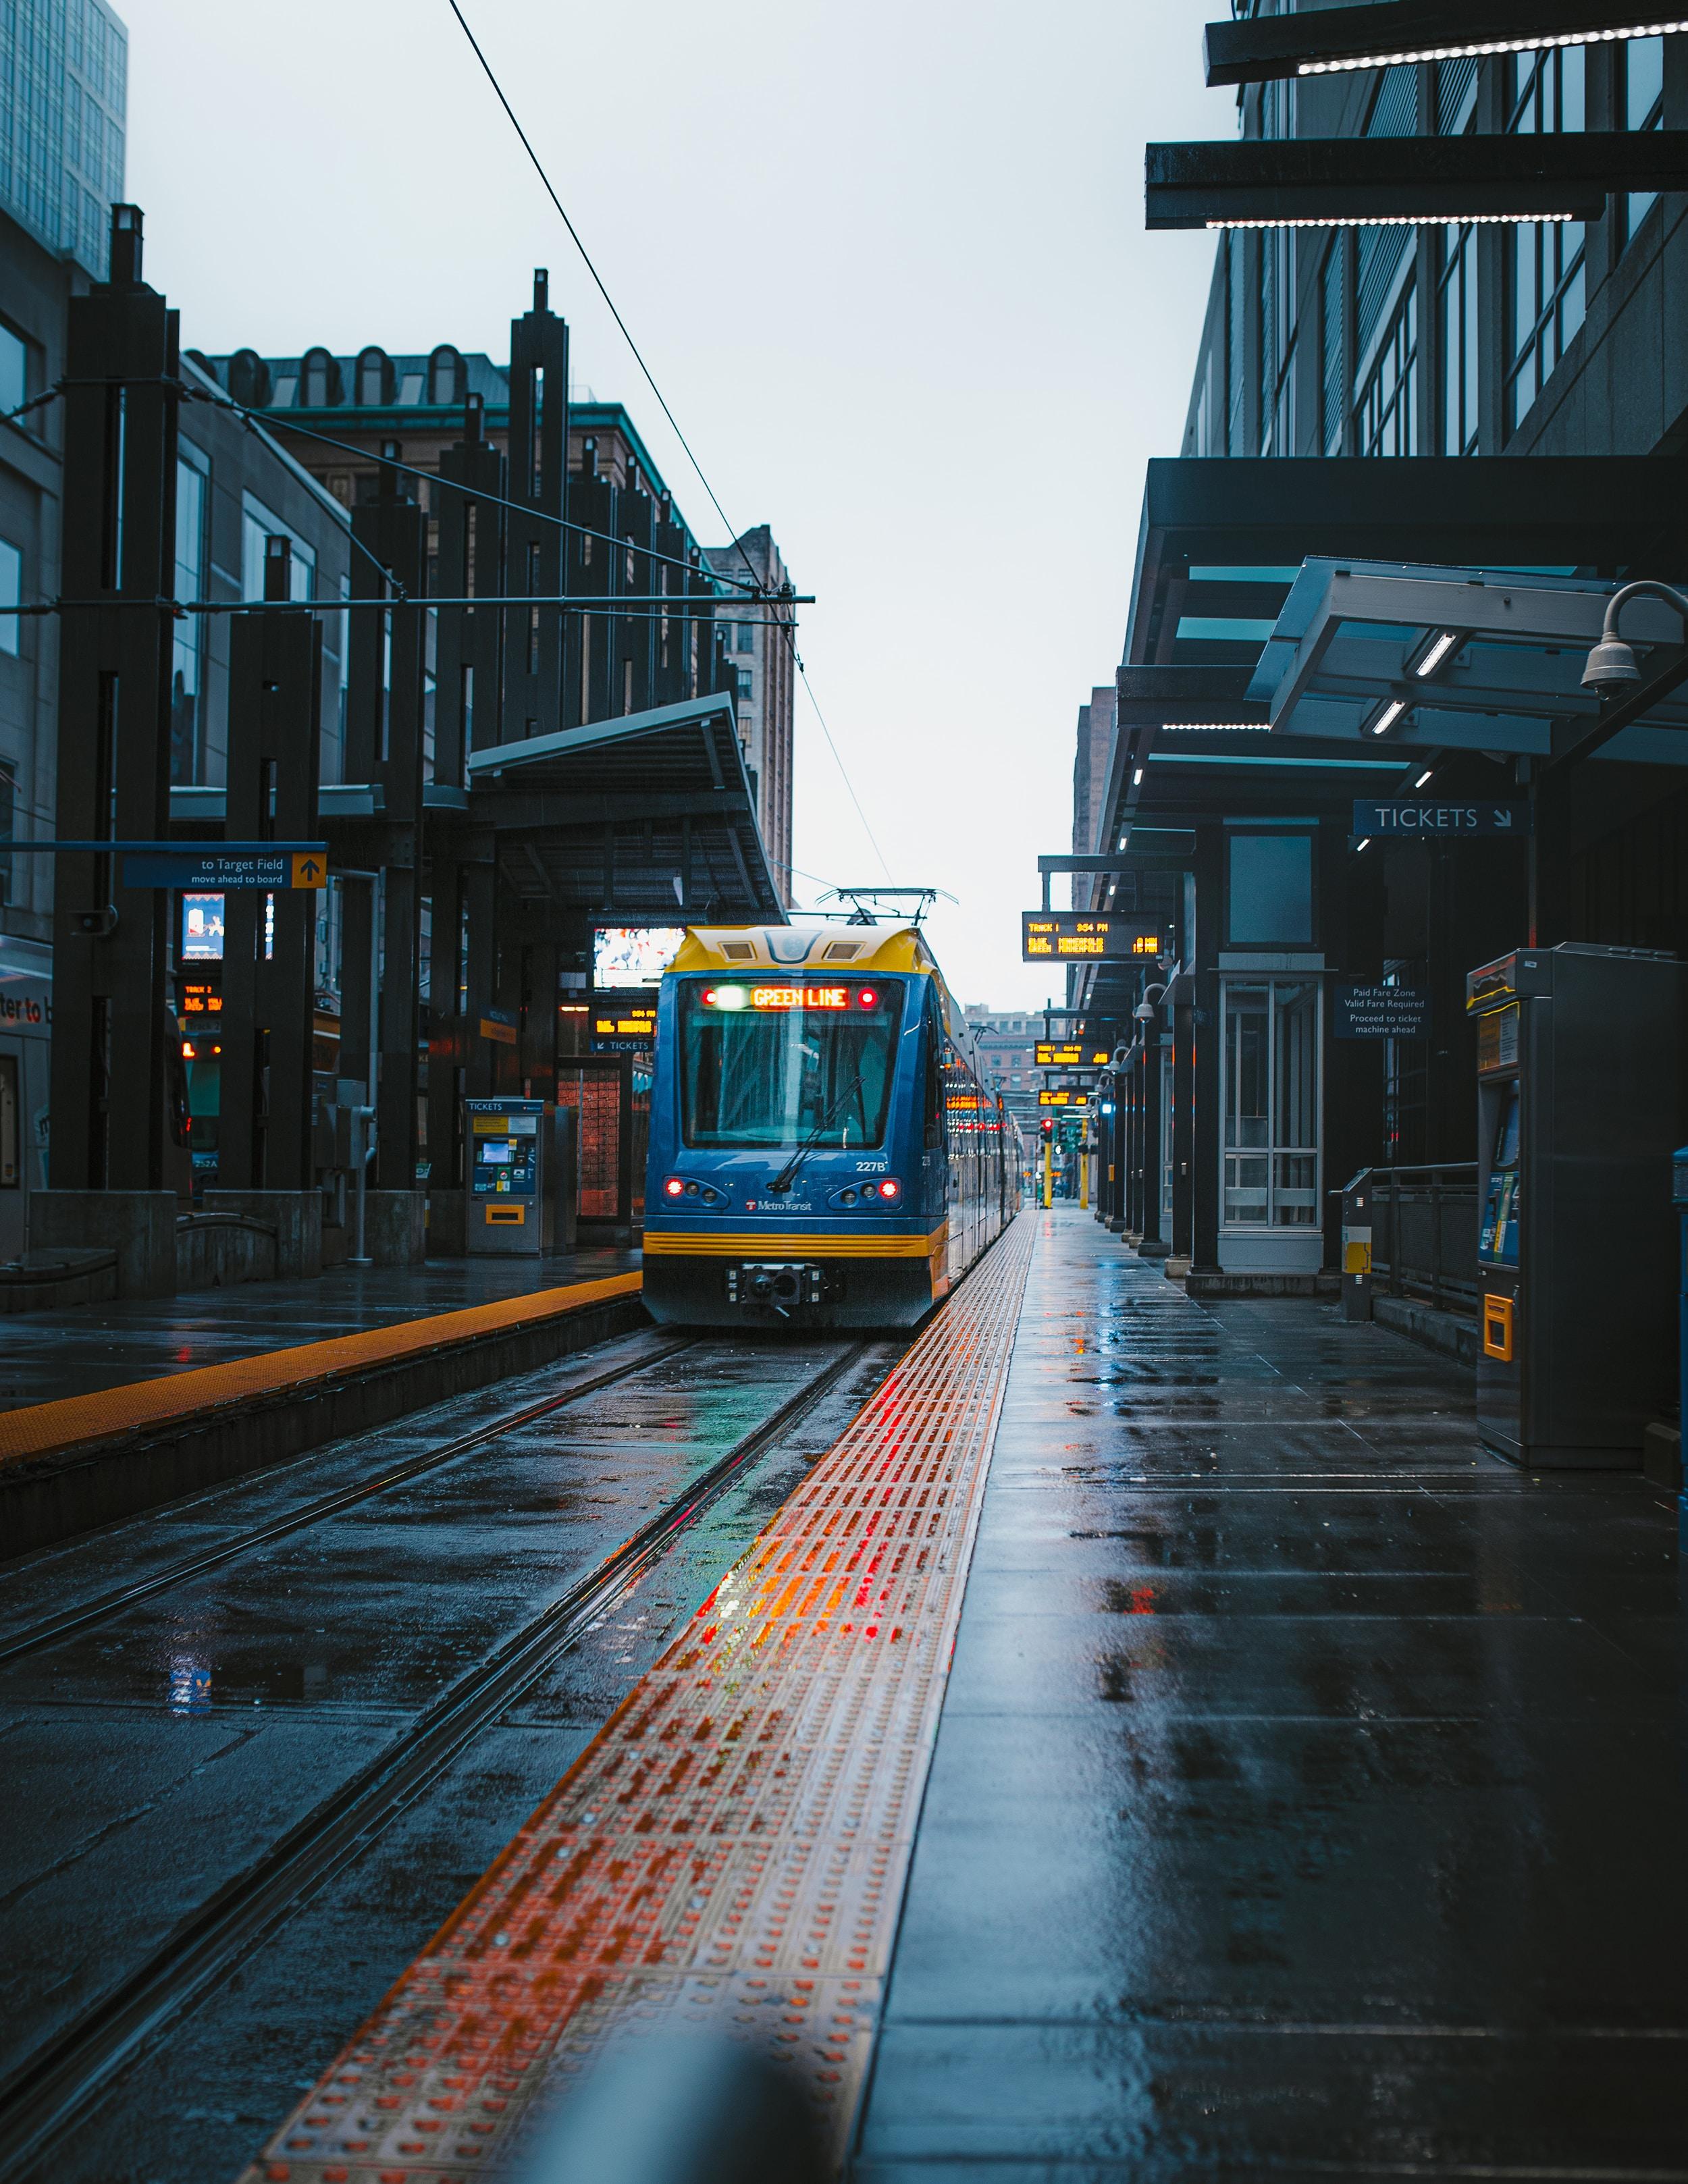 109107 скачать обои Улица, Города, Город, Здания, Станция, Поезд - заставки и картинки бесплатно